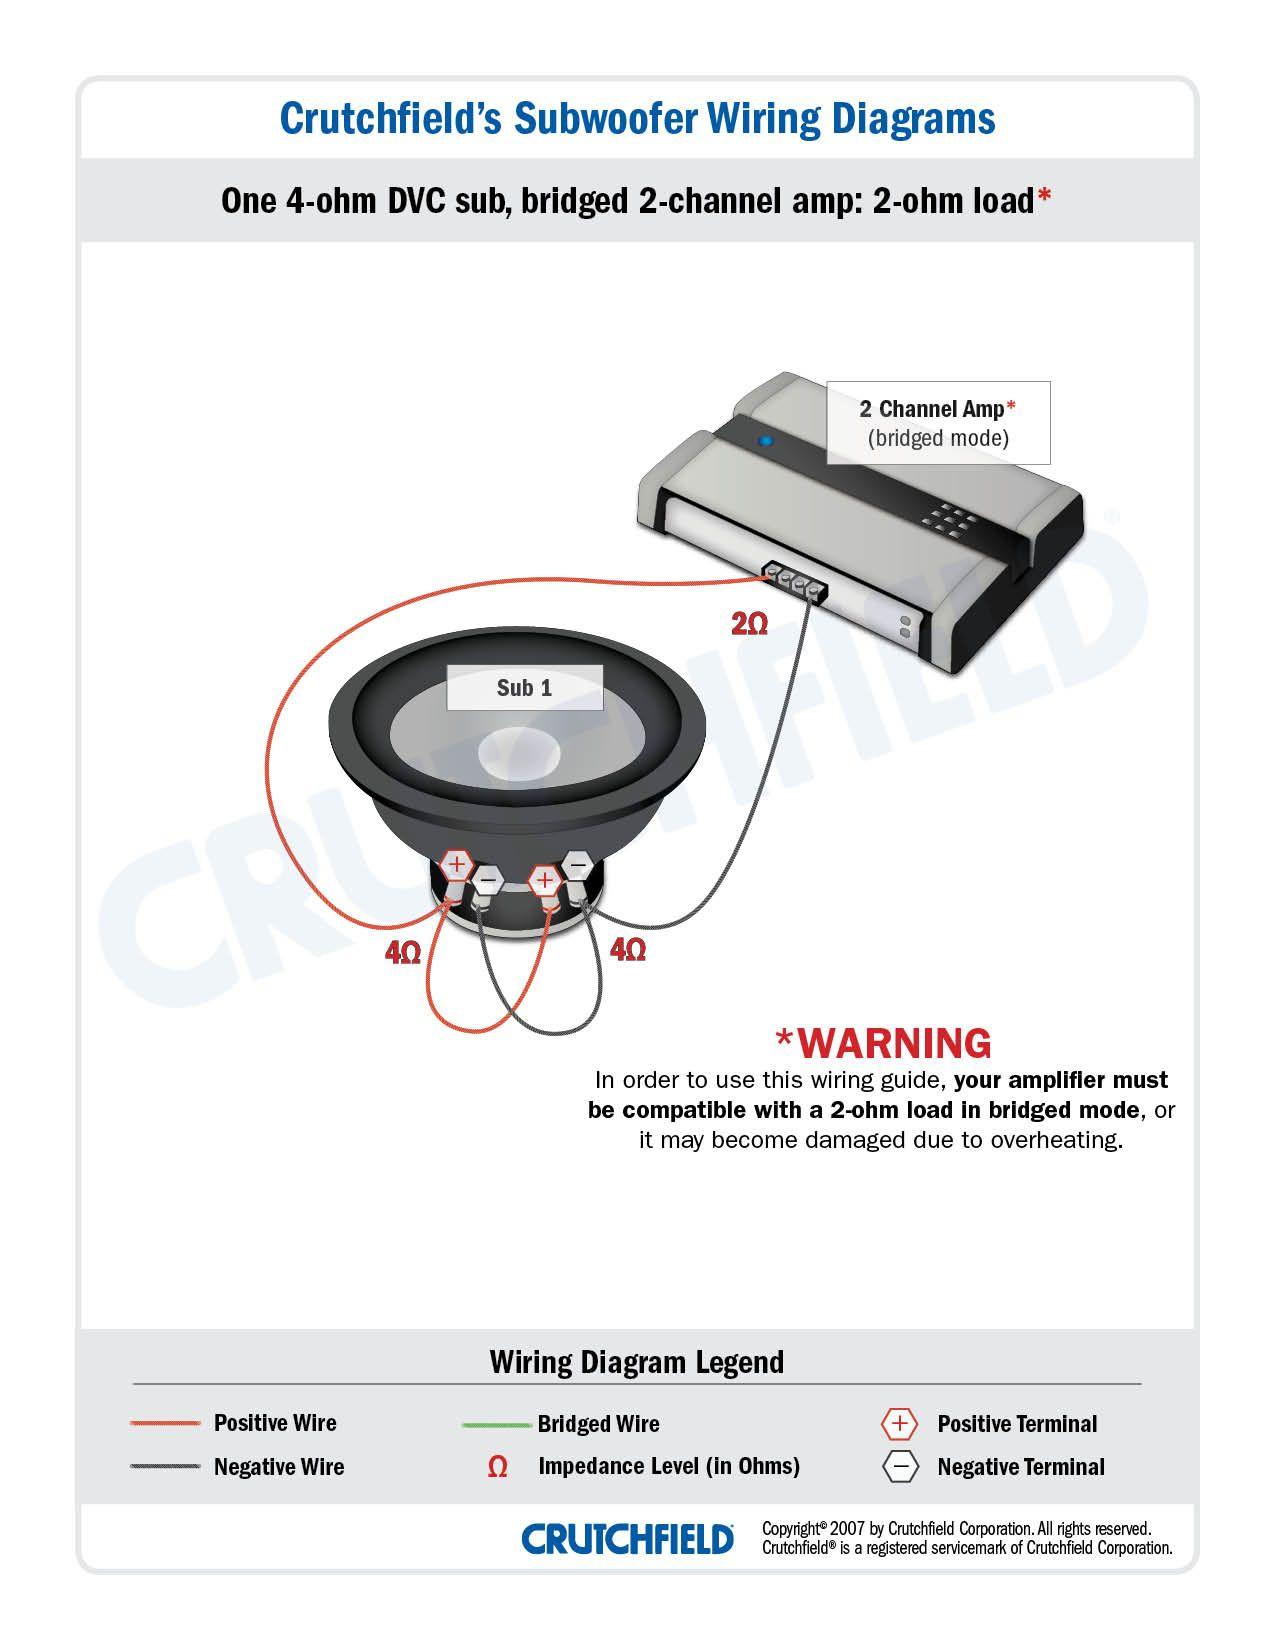 1 Dvc 4 Ohm 2 Ch Low Imp Jpg 1275 1650 Subwoofer Wiring Car Audio Memphis Car Audio